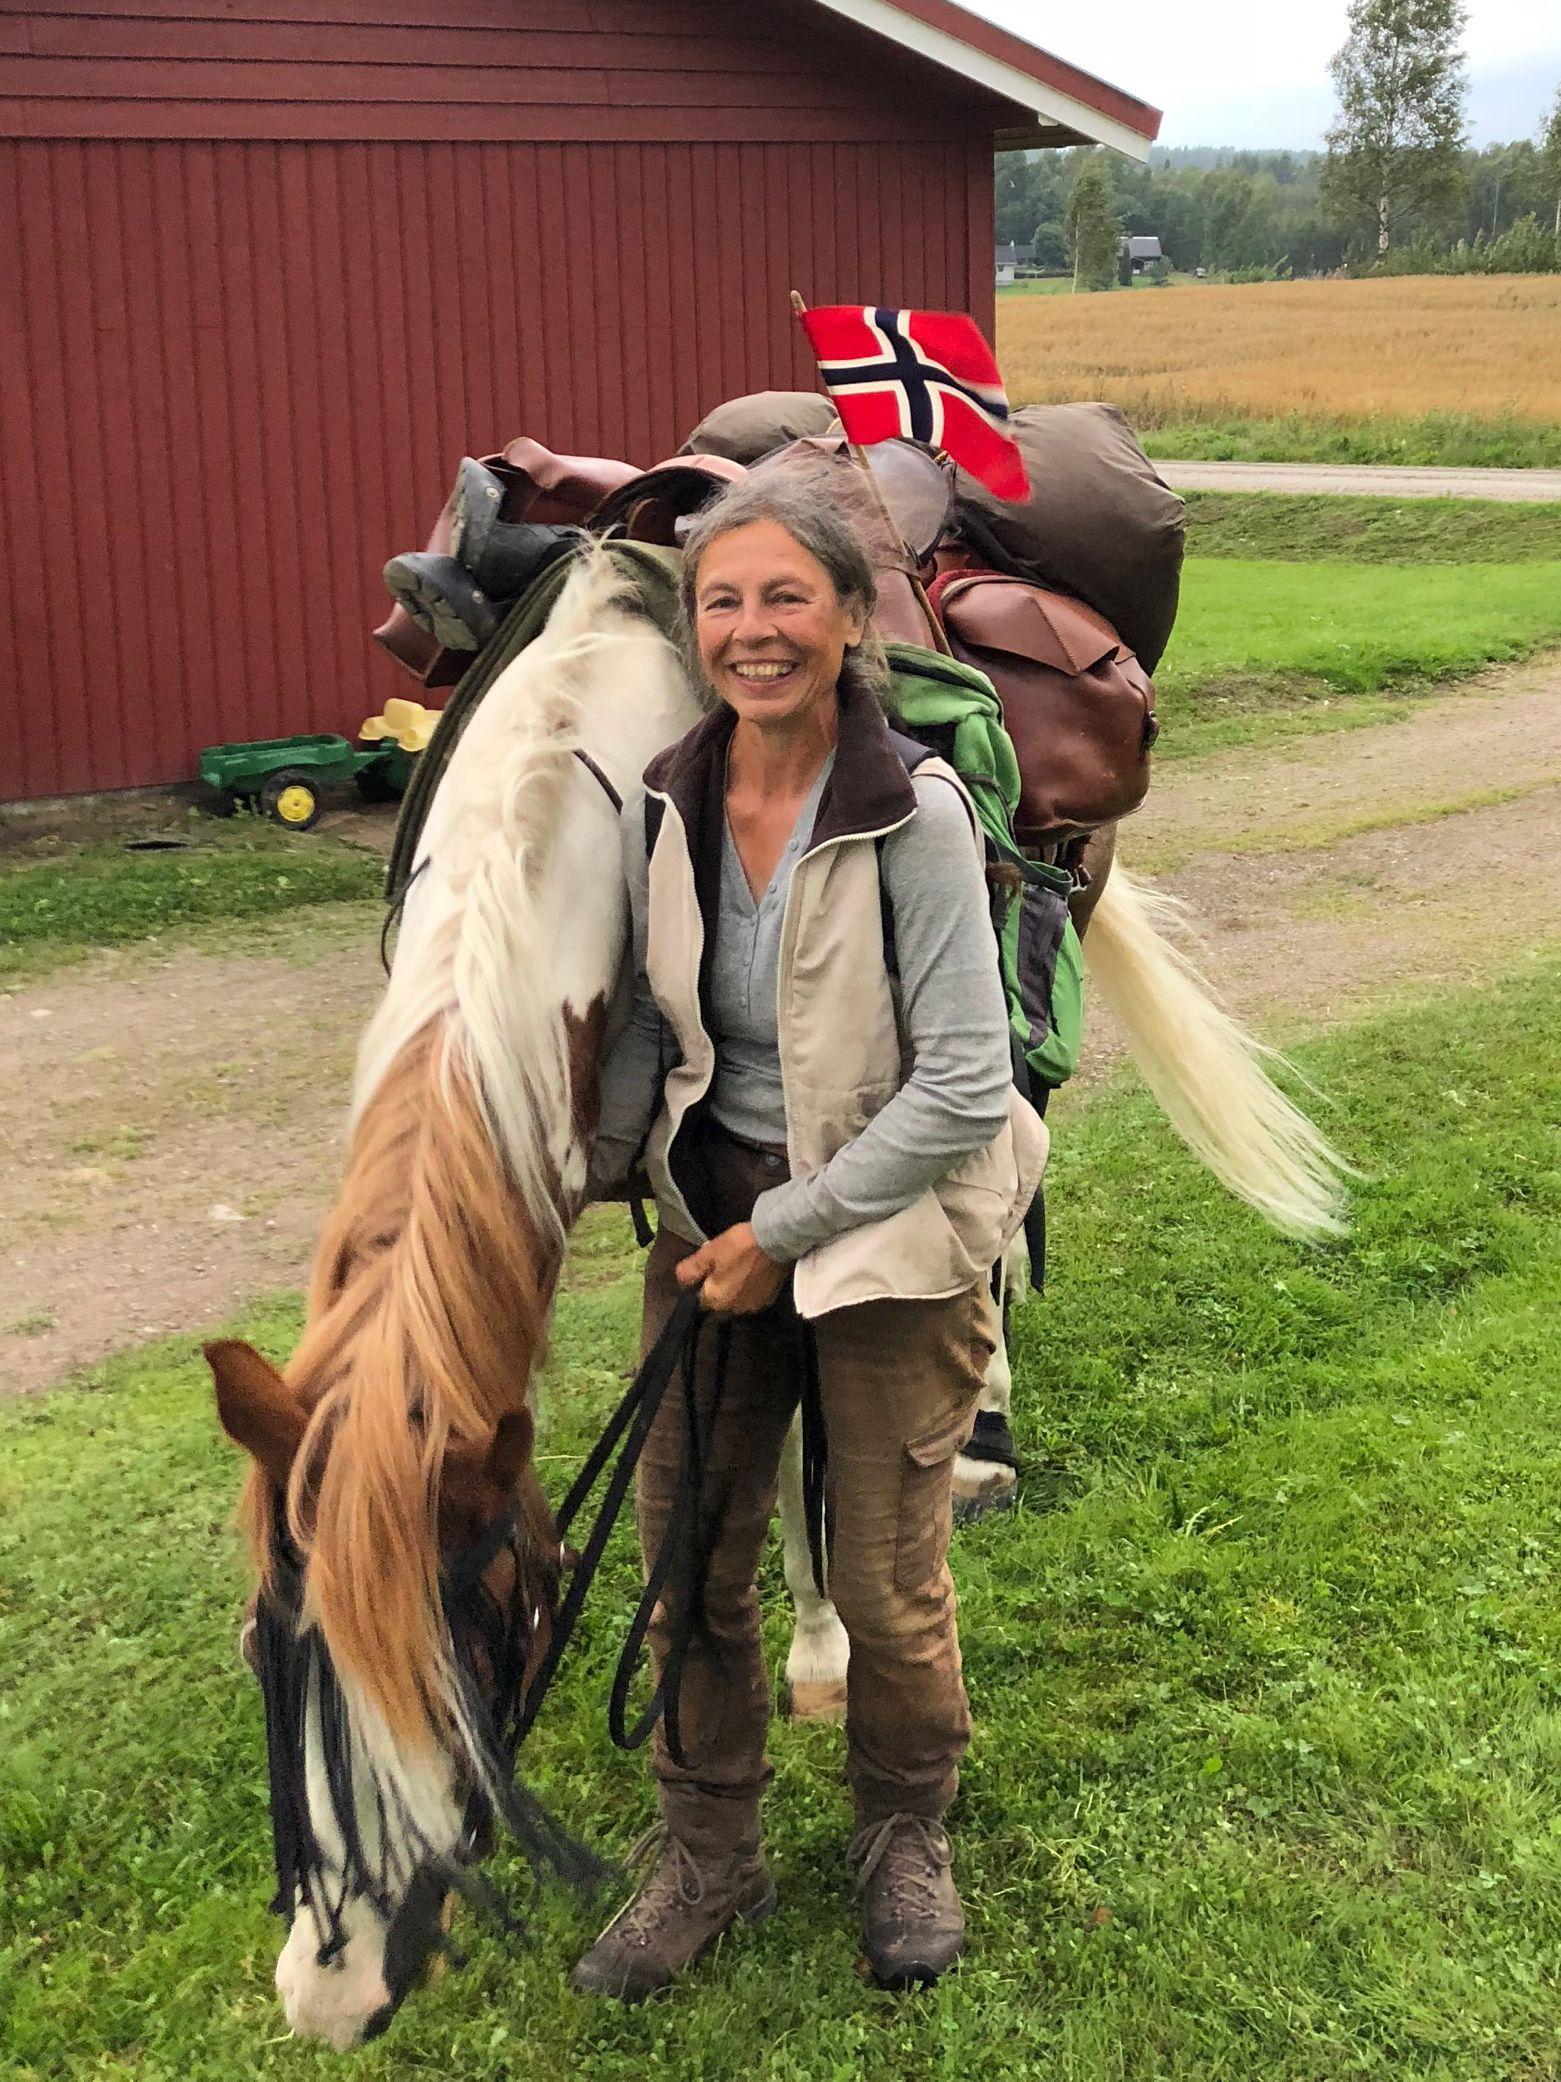 FREMME: To slitne fremme i Braskereidfoss i Våler 22. august i år, der norsk slekt ventet.